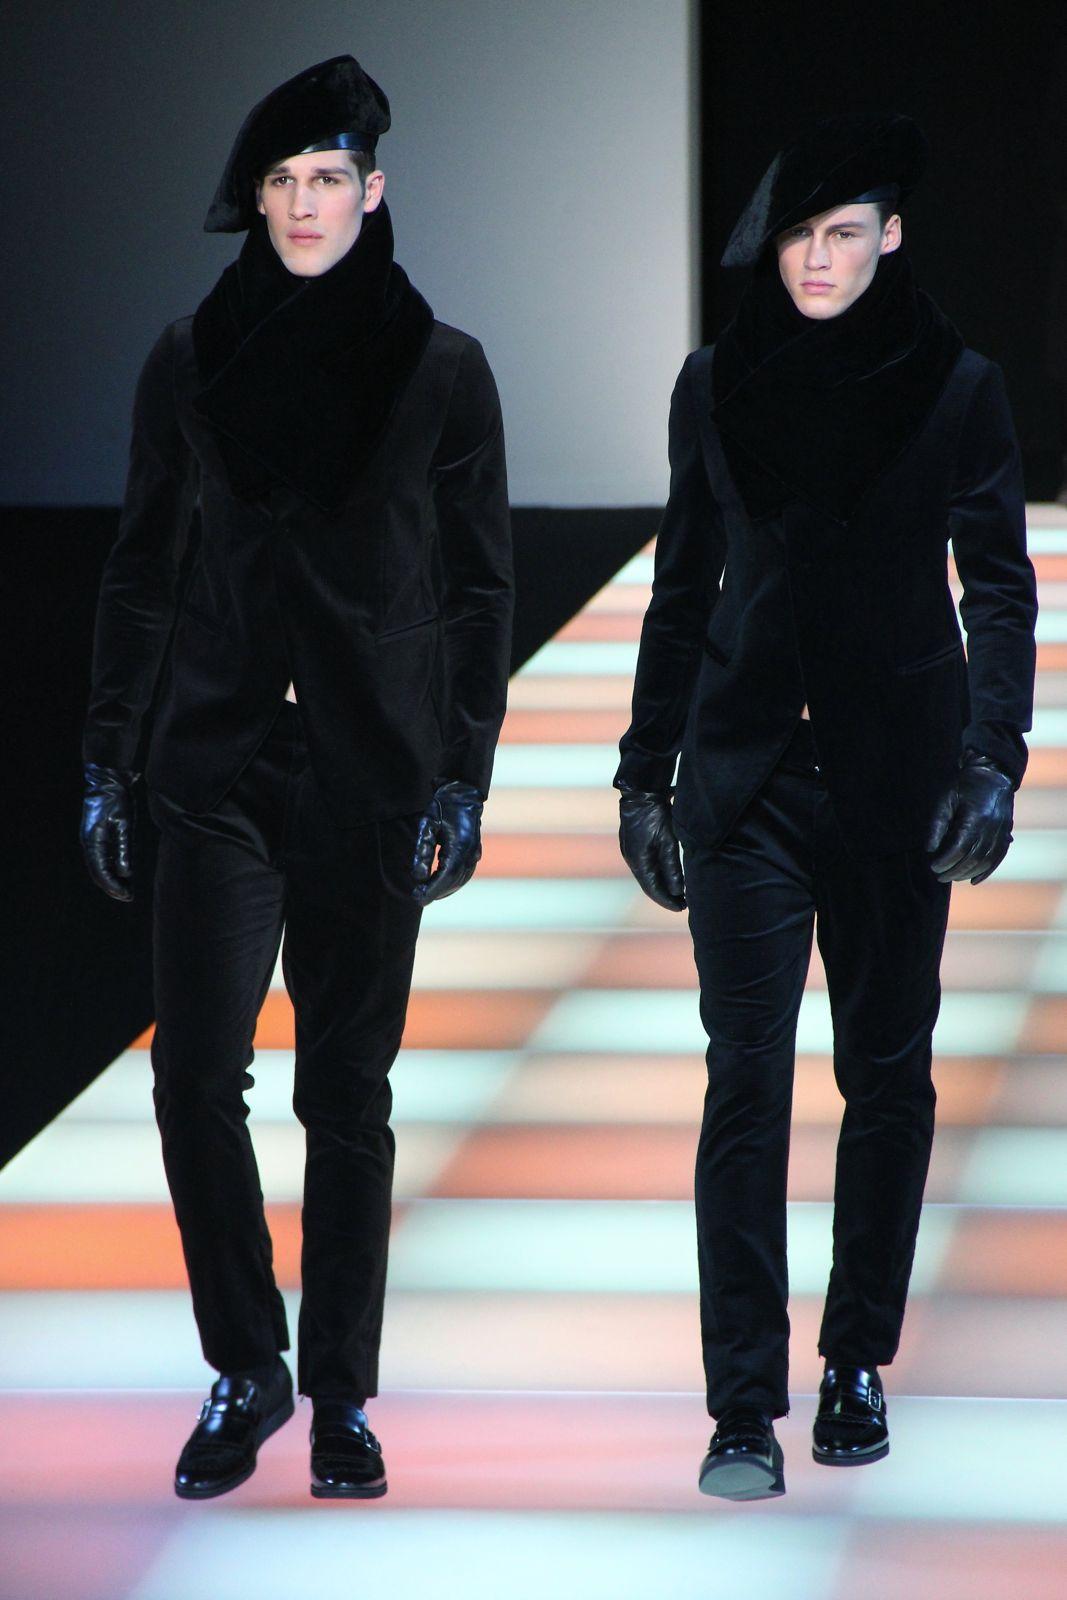 Emporio Armani Fall Winter 2012-2013 Men Fashion Show 245bd1c4a75